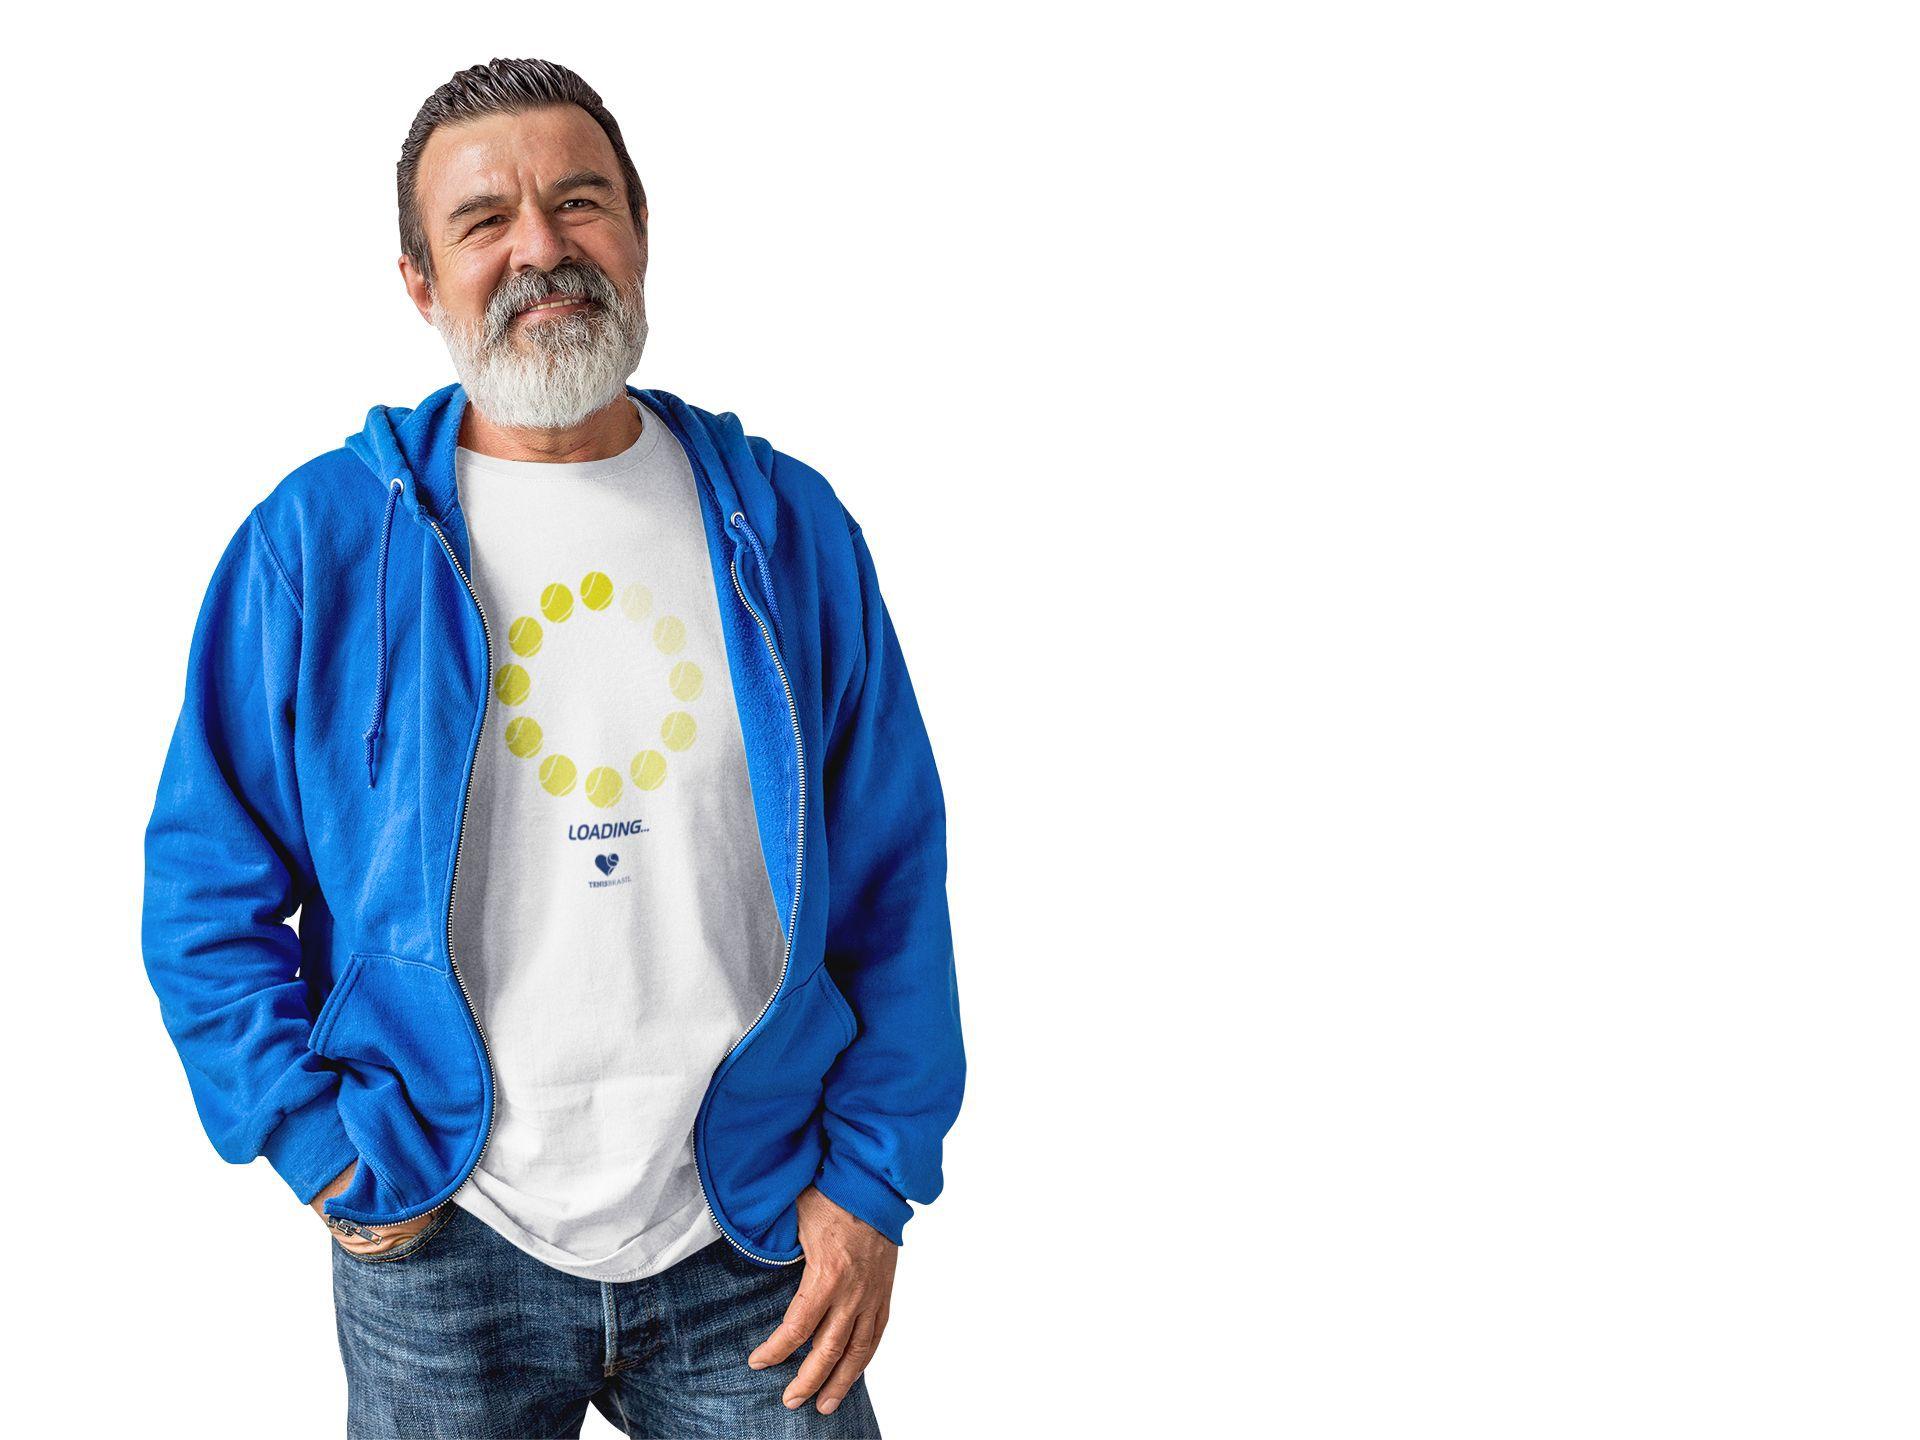 Camiseta LOADING - CÍRCULO  >> Coleção 2019 >> MASCULINA